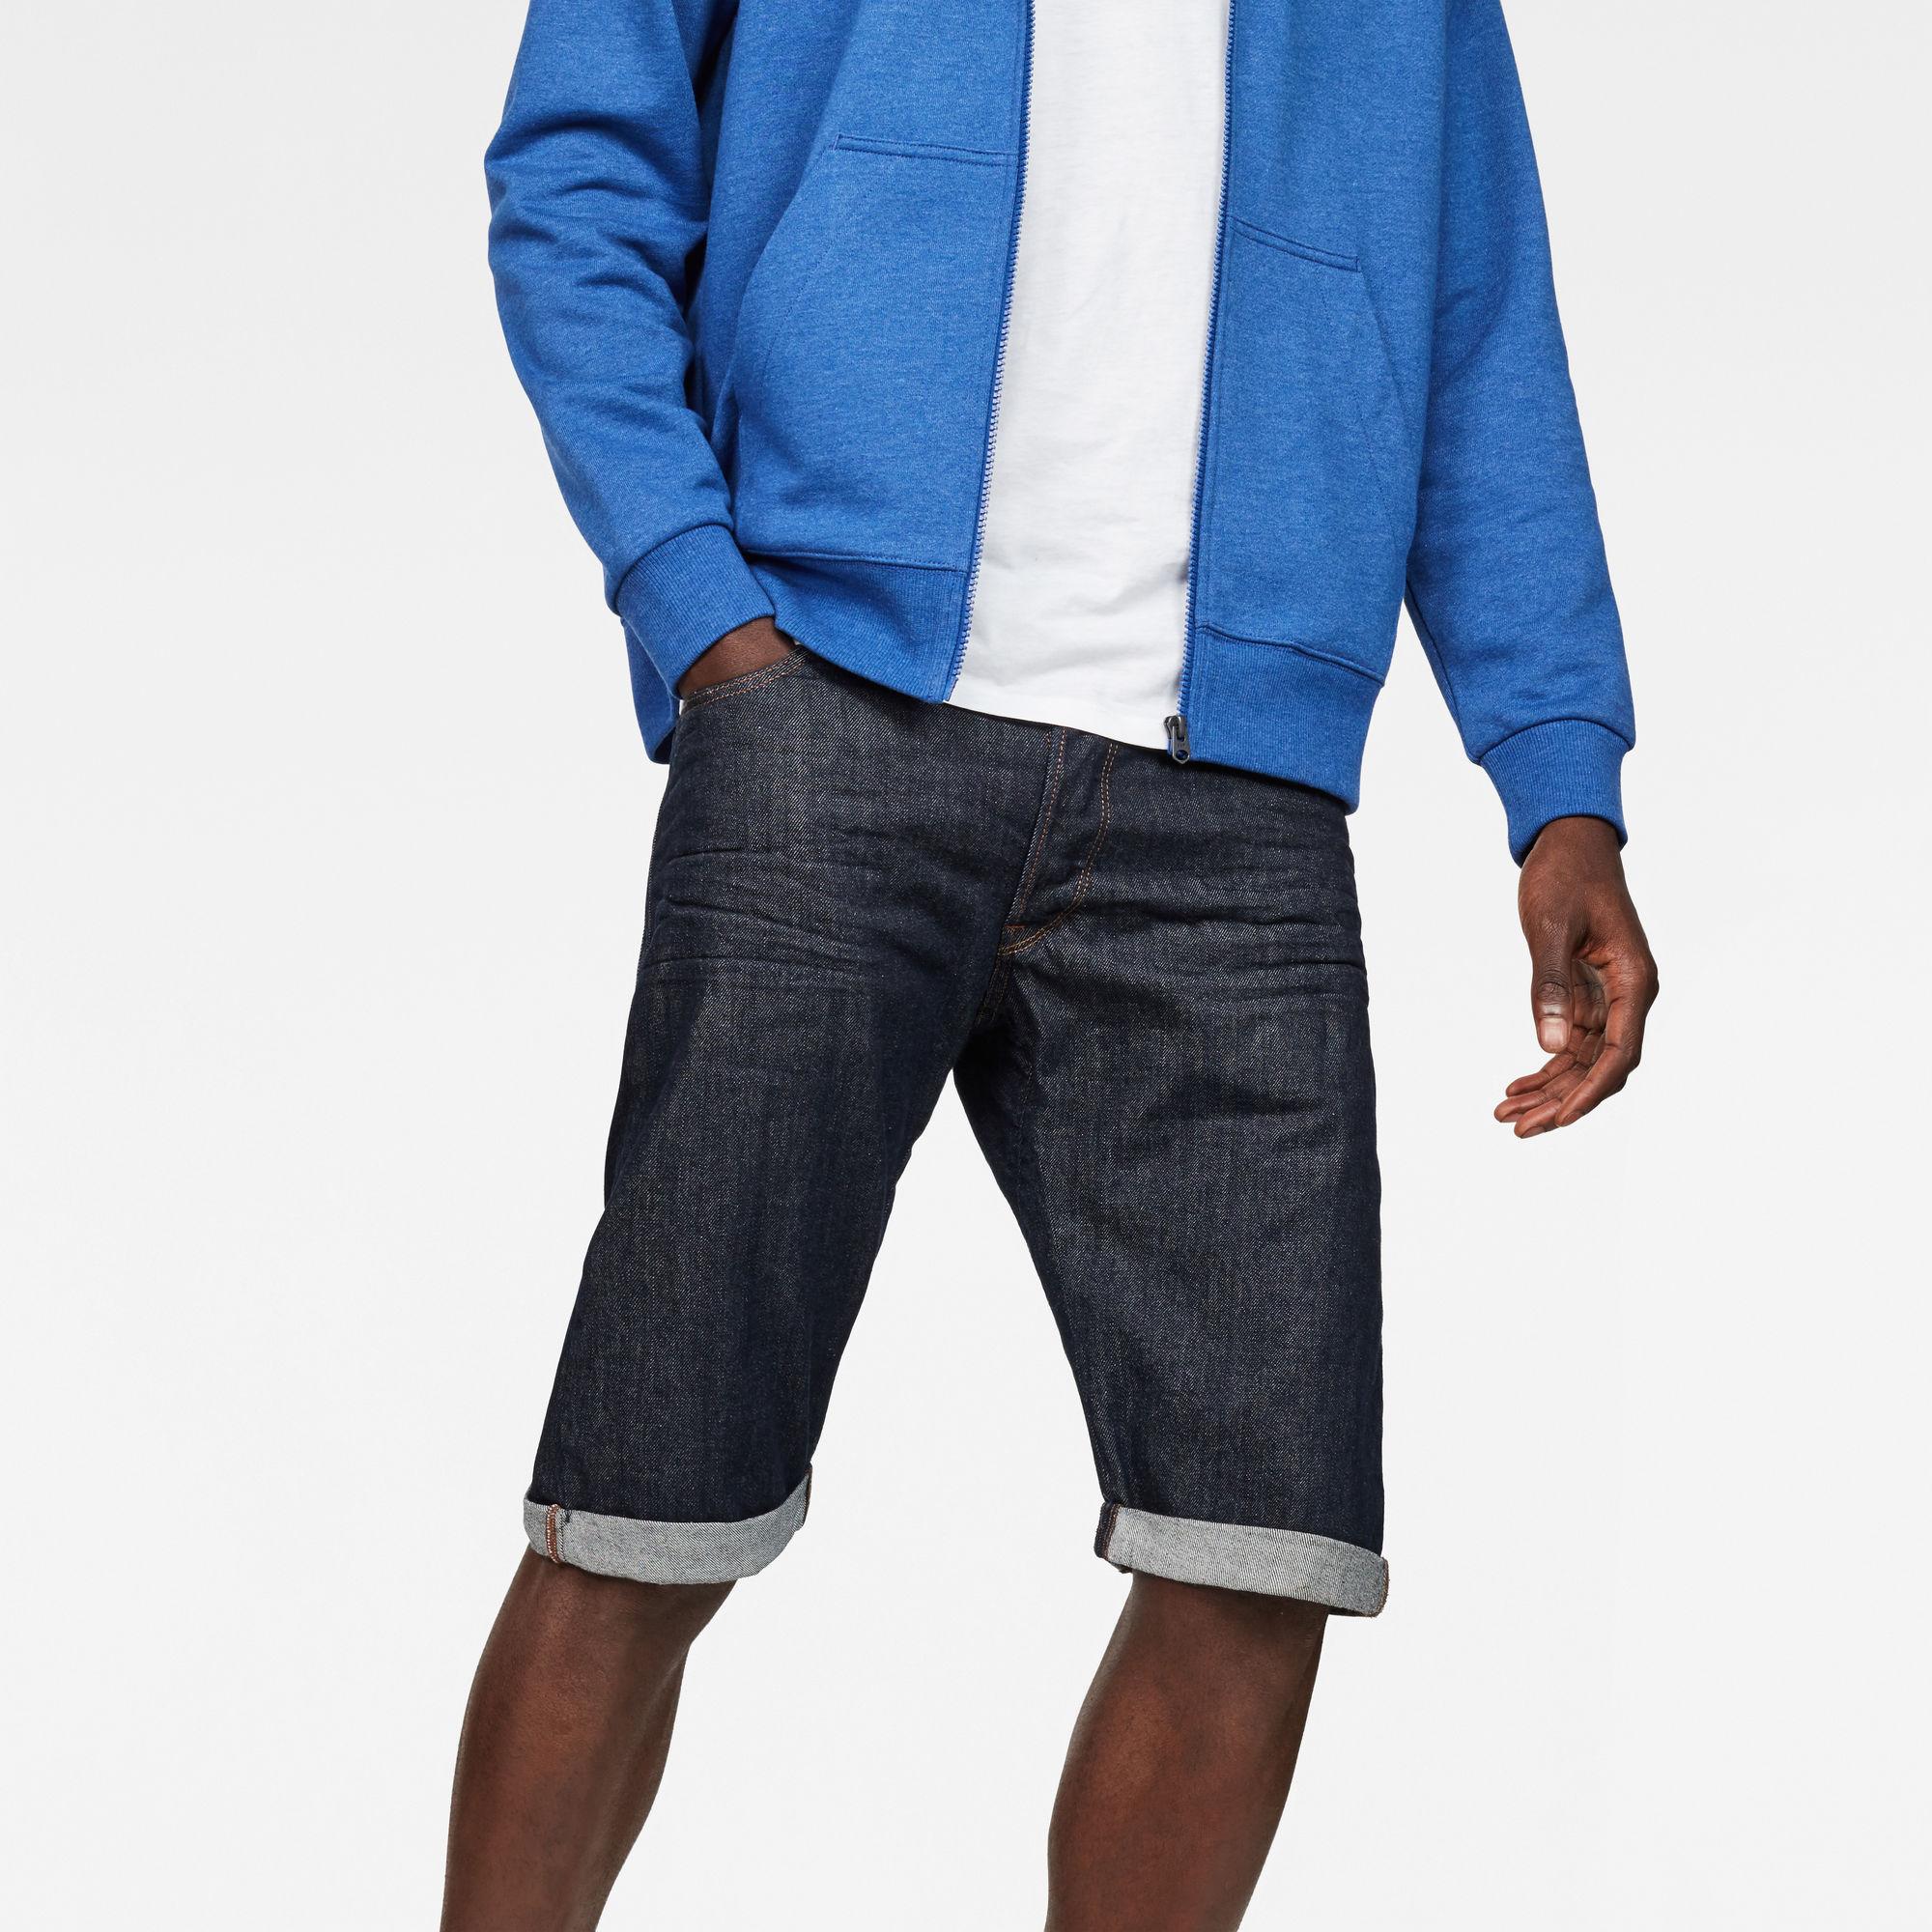 Arc 3D 1 2-Length Shorts